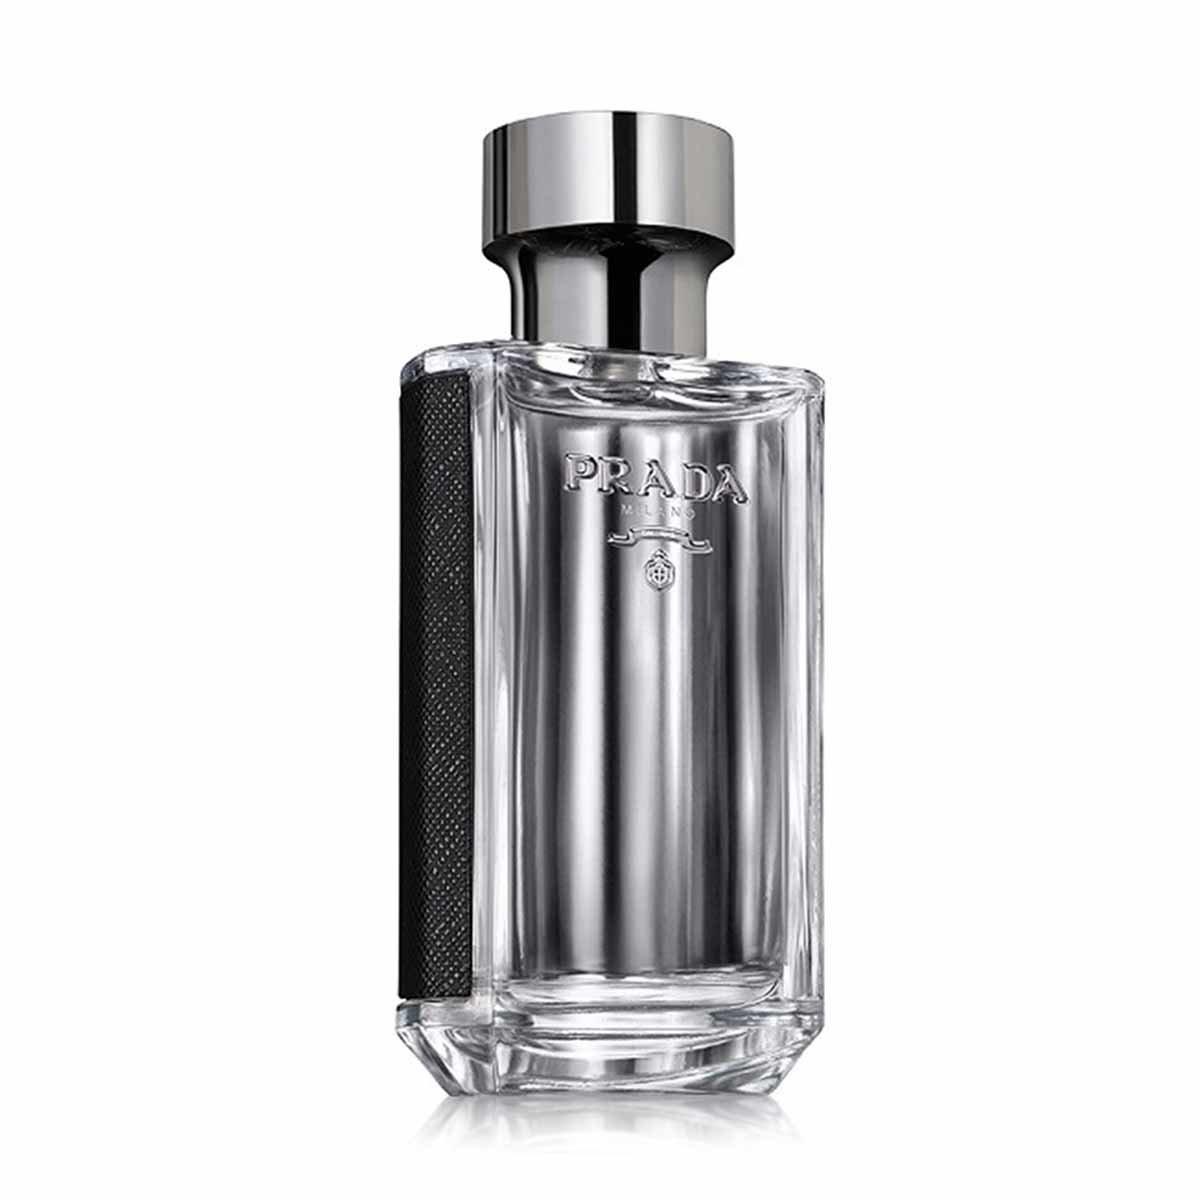 Tualetinis vanduo Prada L'Homme EDT vyrams 50 ml